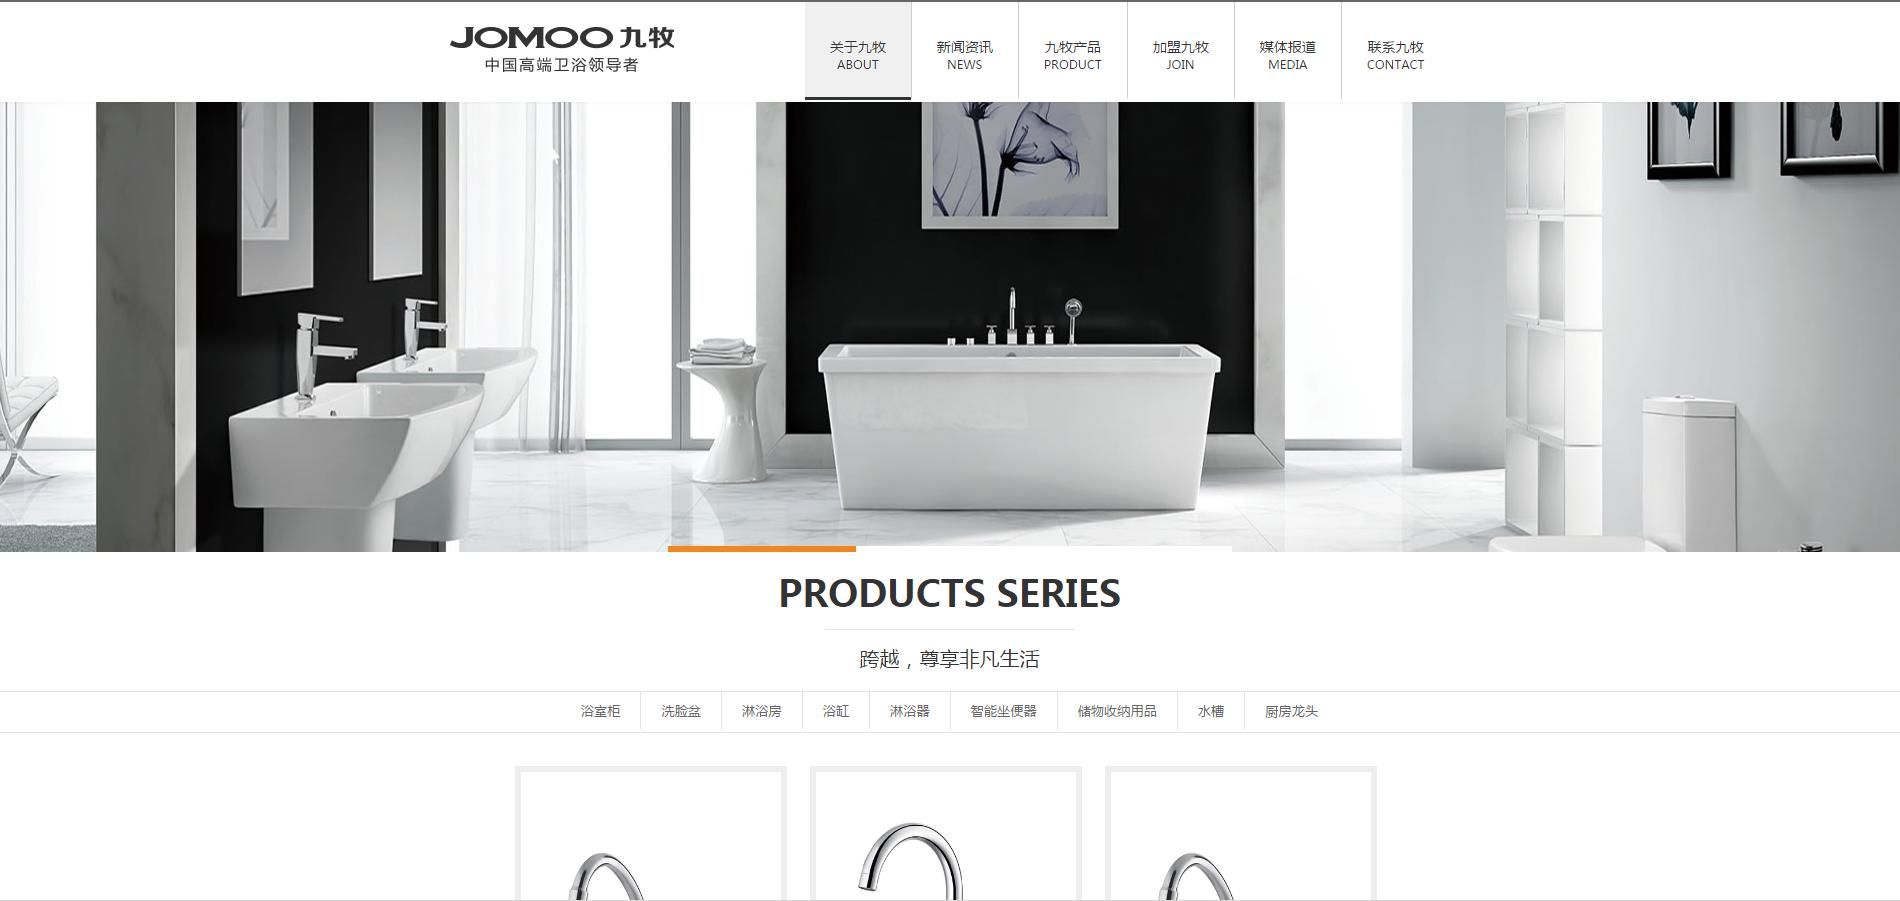 响应式卫浴公司网站模板整站下载